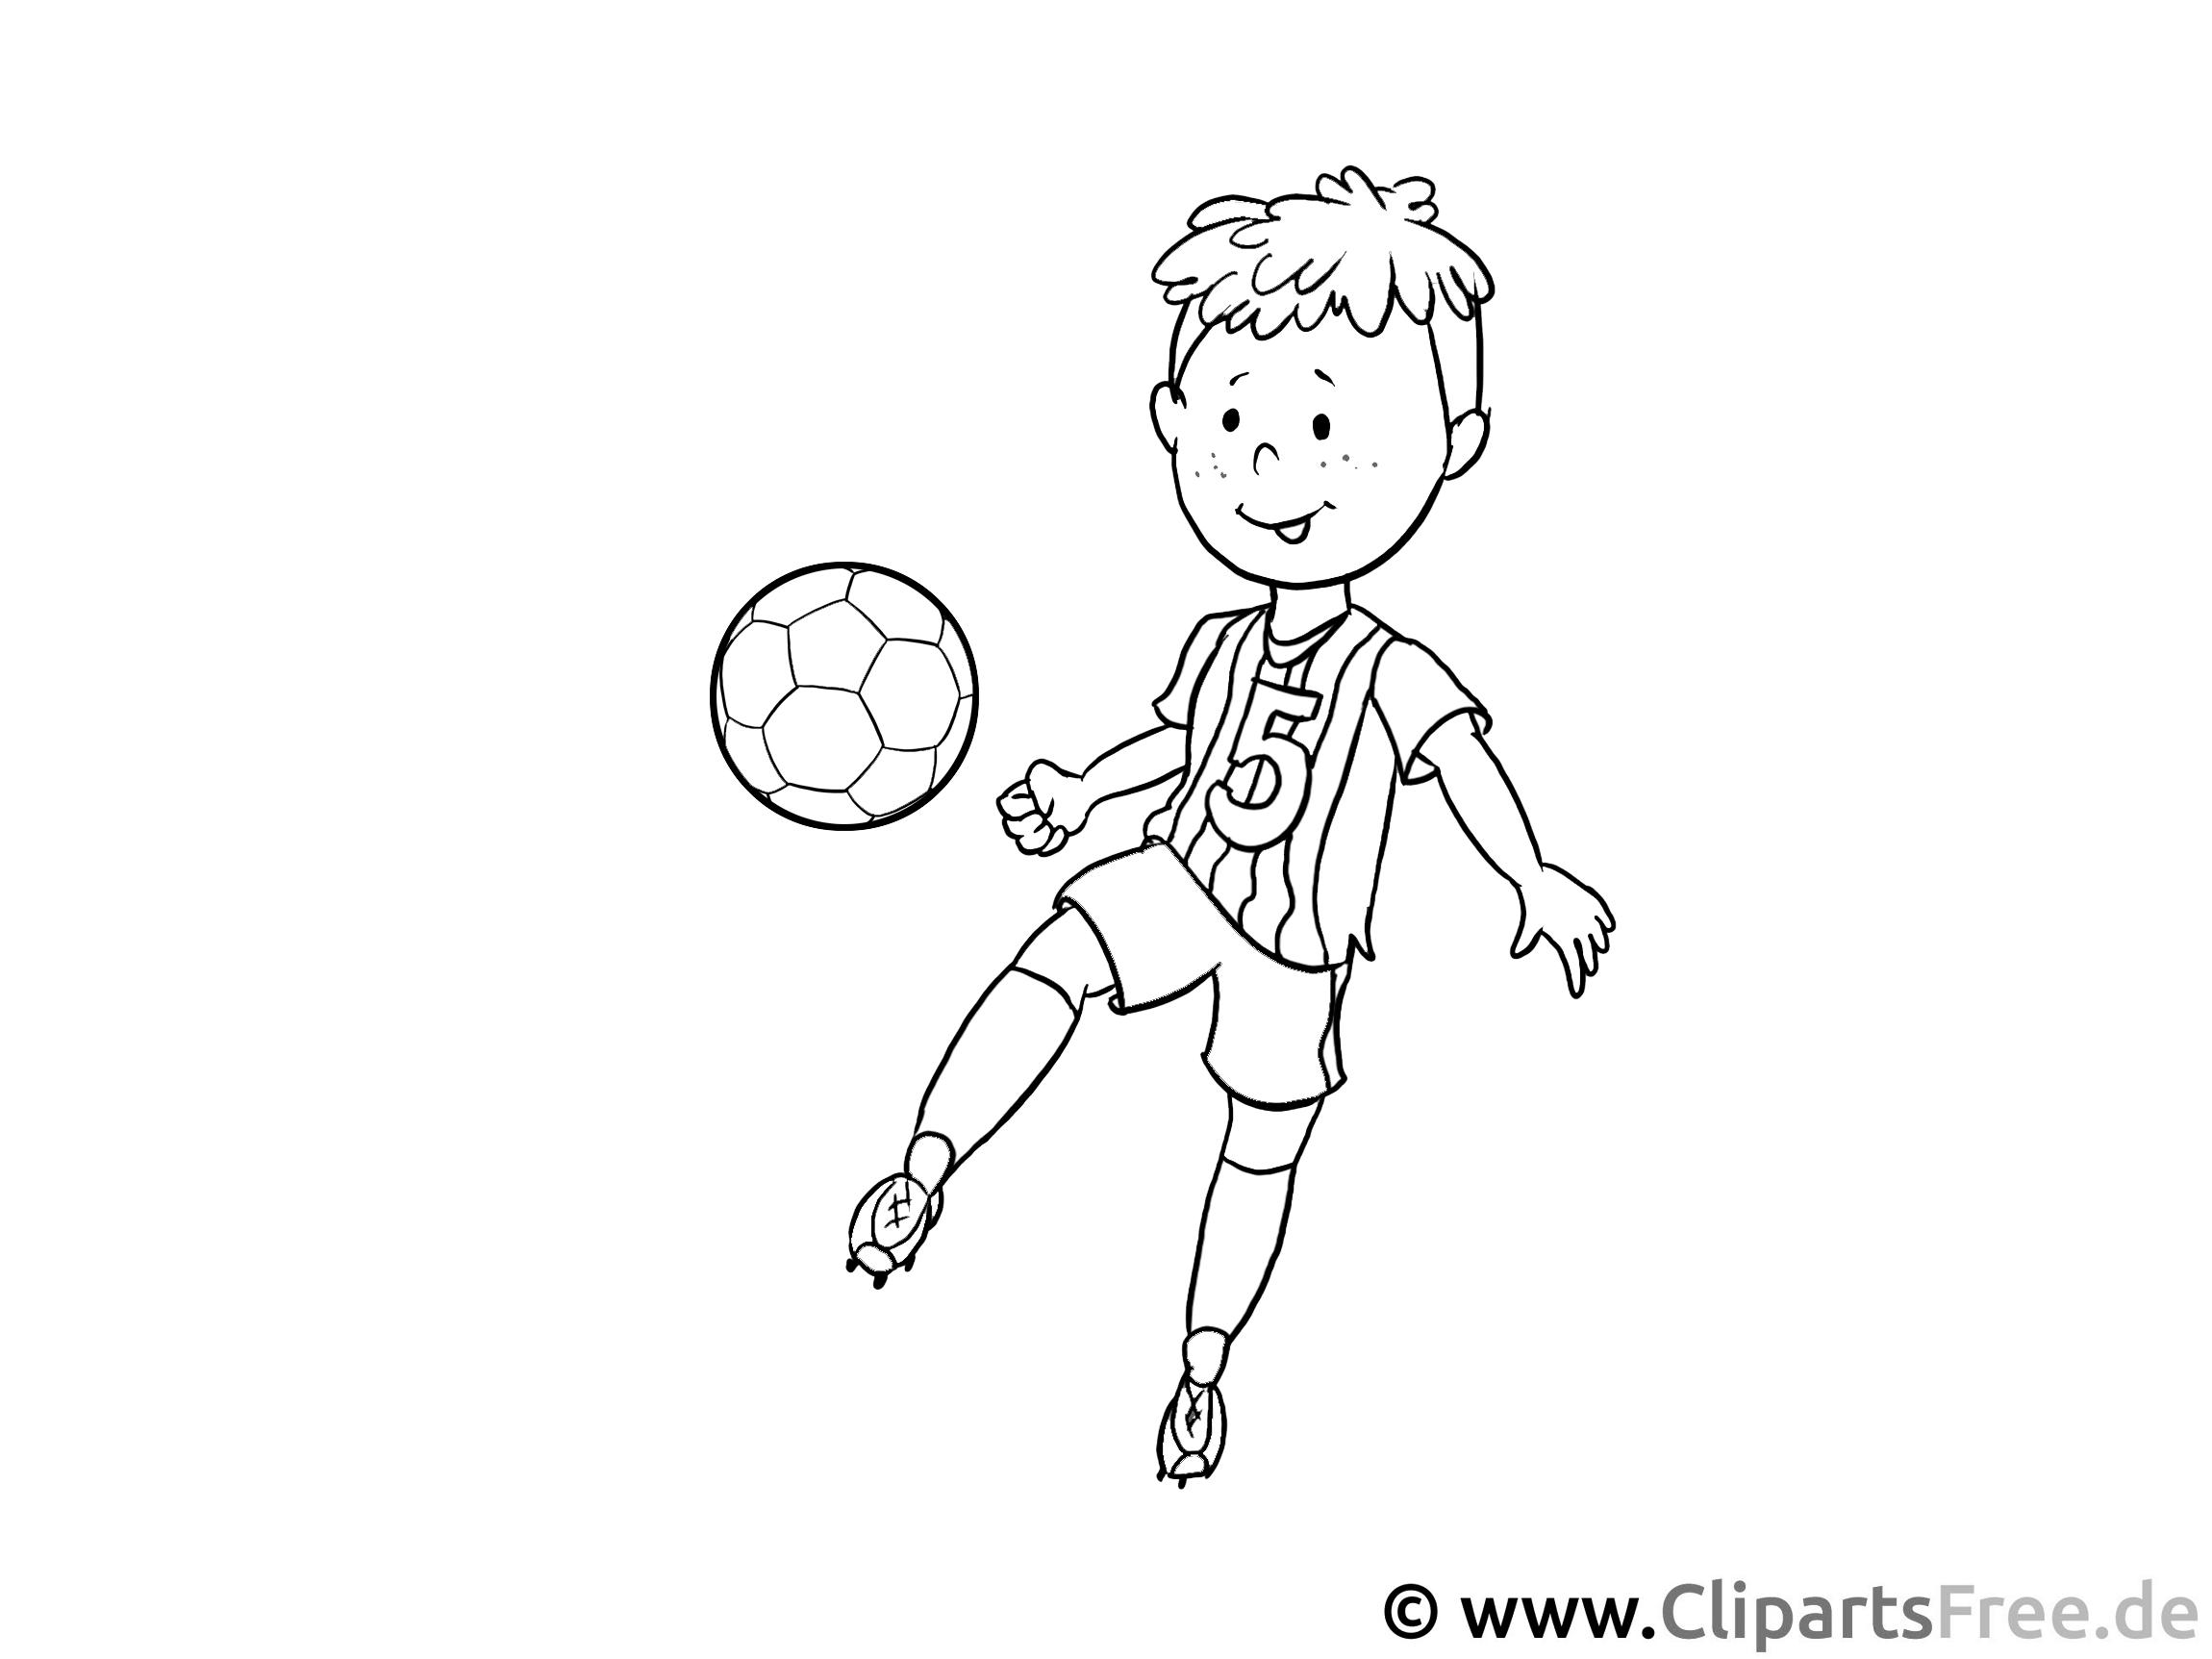 fussball-training malvorlage für kinder